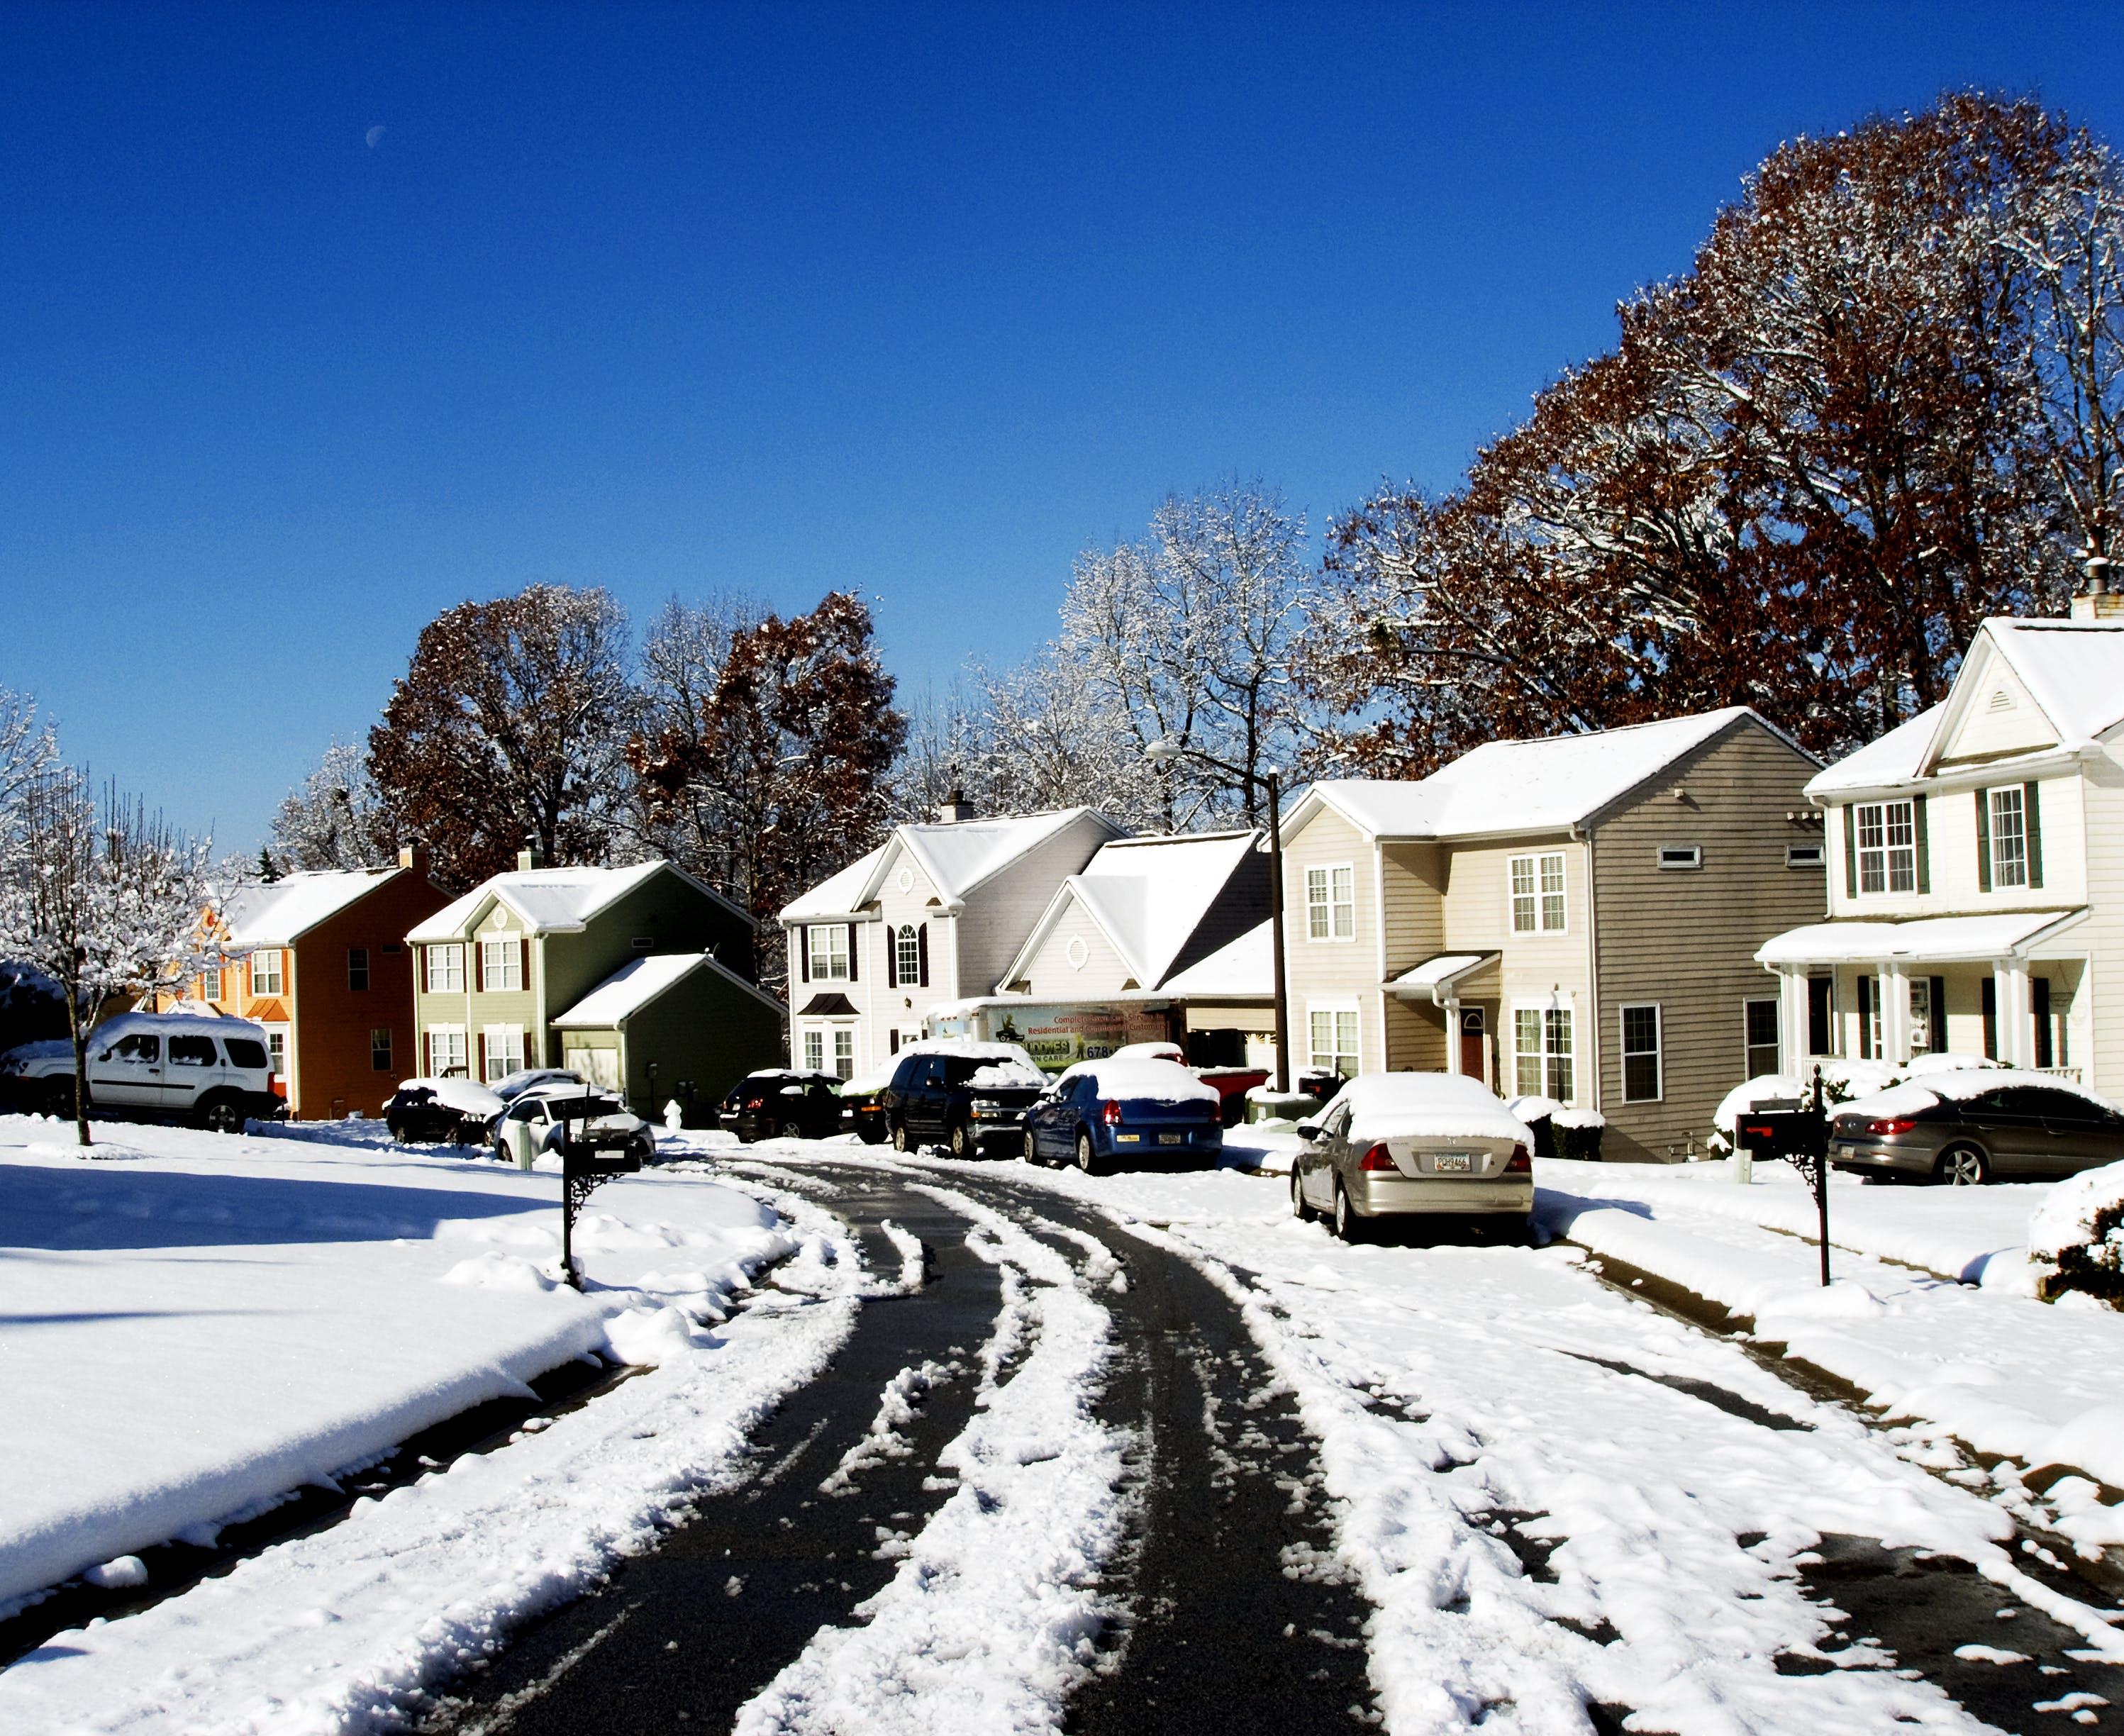 ağaçlar, arabalar, buz, buz tutmuş içeren Ücretsiz stok fotoğraf